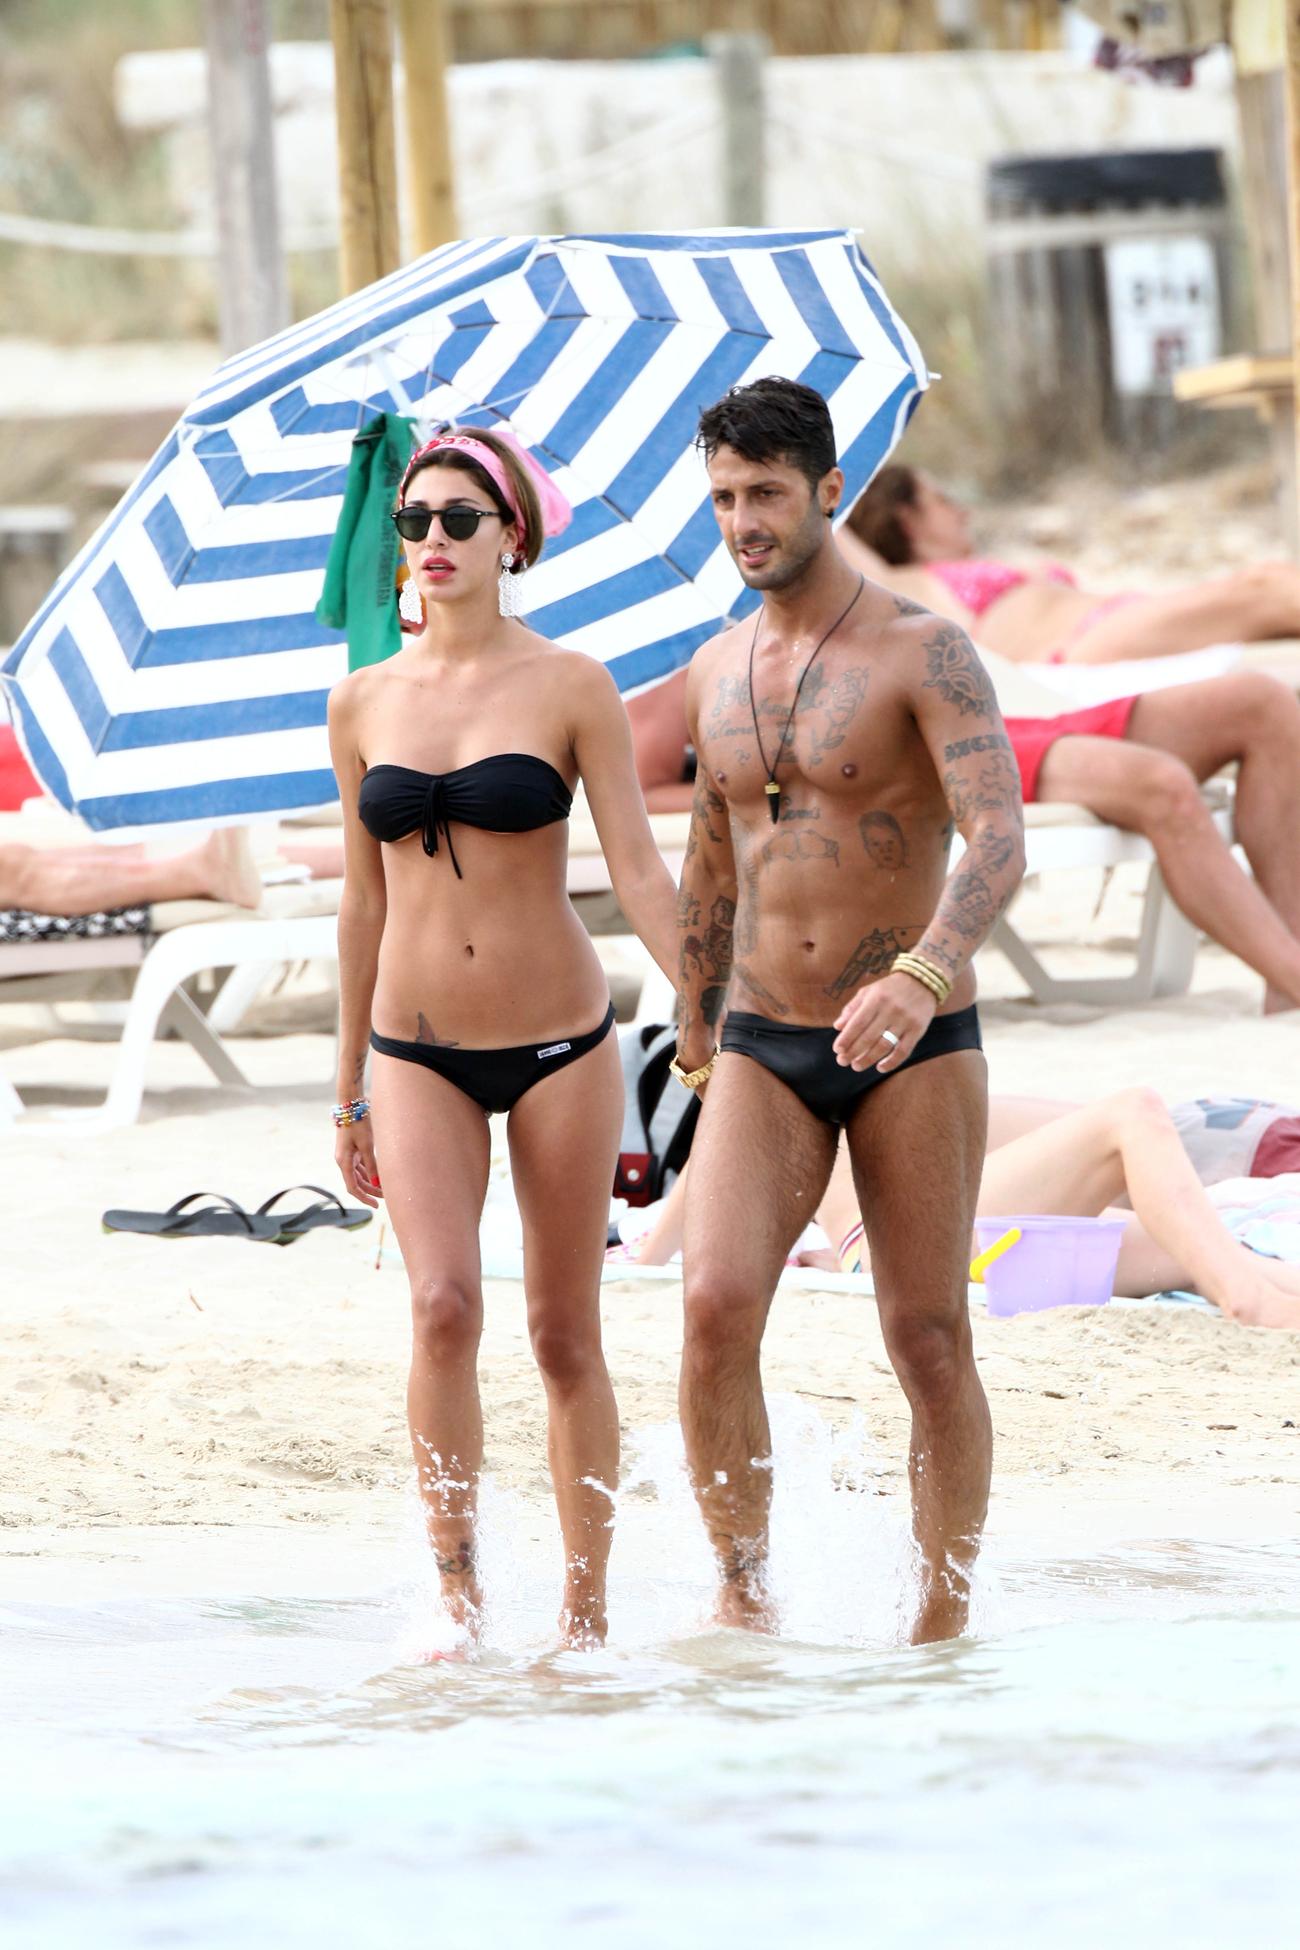 Charlie murphy hot sex scene in love hate series,Karina seabrook ass XXX images Jork weismann,Alicia arden sexy topless 97 photos